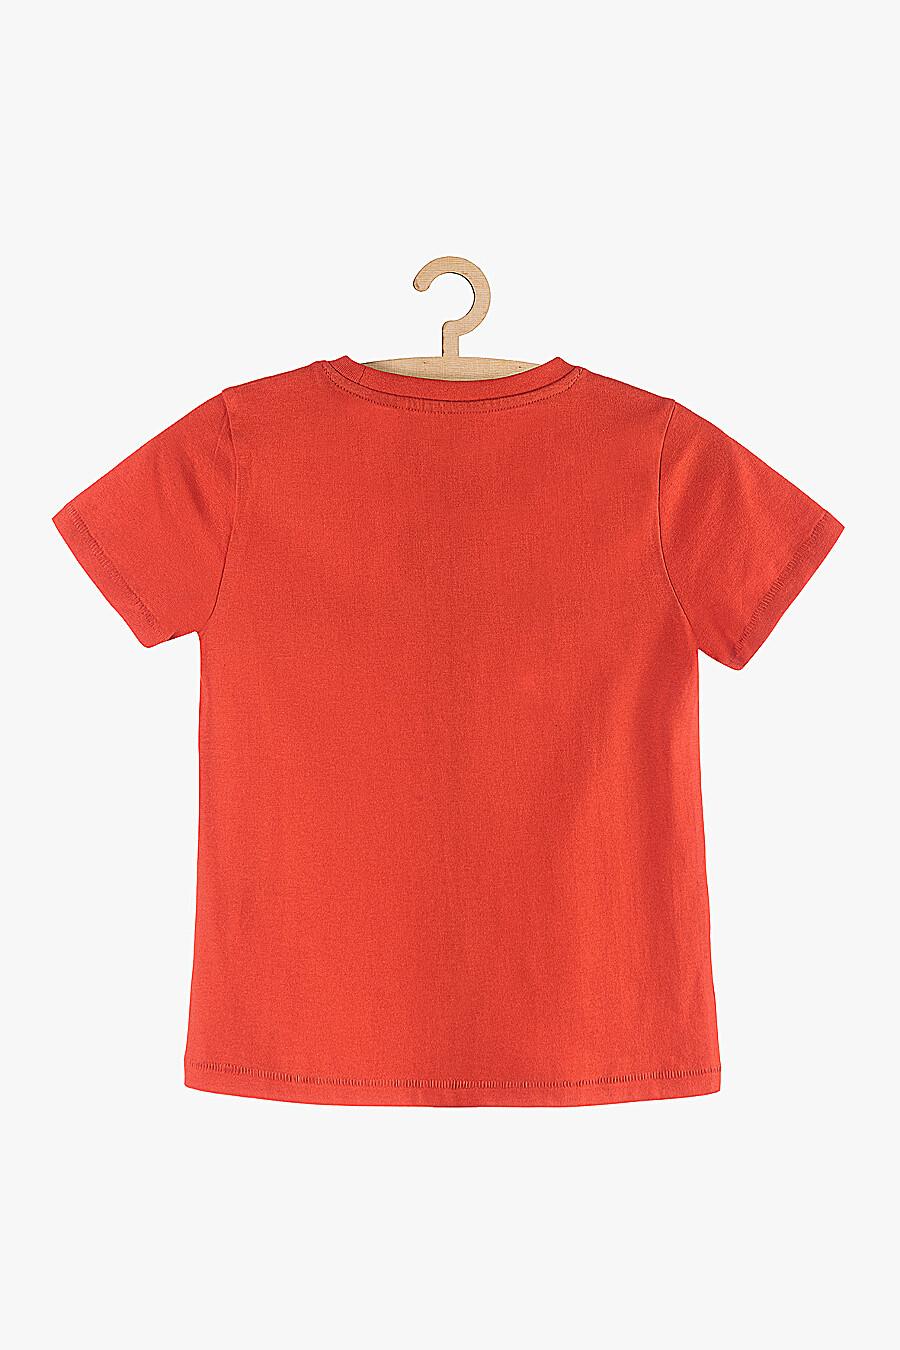 Футболка для мальчиков 5.10.15 218363 купить оптом от производителя. Совместная покупка детской одежды в OptMoyo